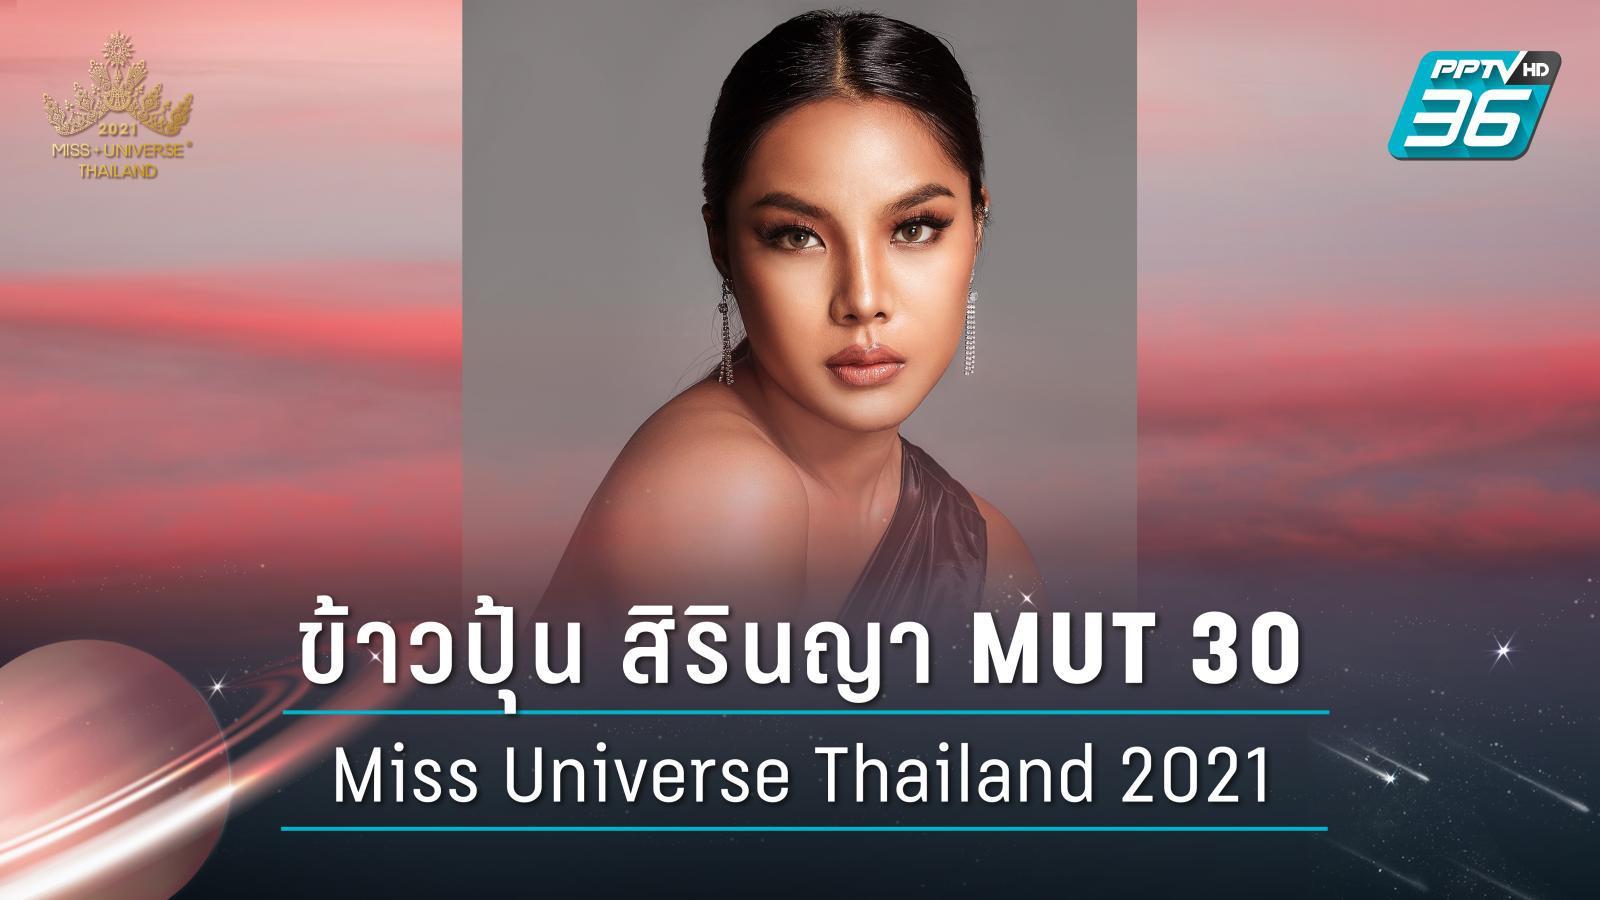 ข้าวปุ้น  MUT 30 | รอบ Keywords | Miss Universe Thailand 2021